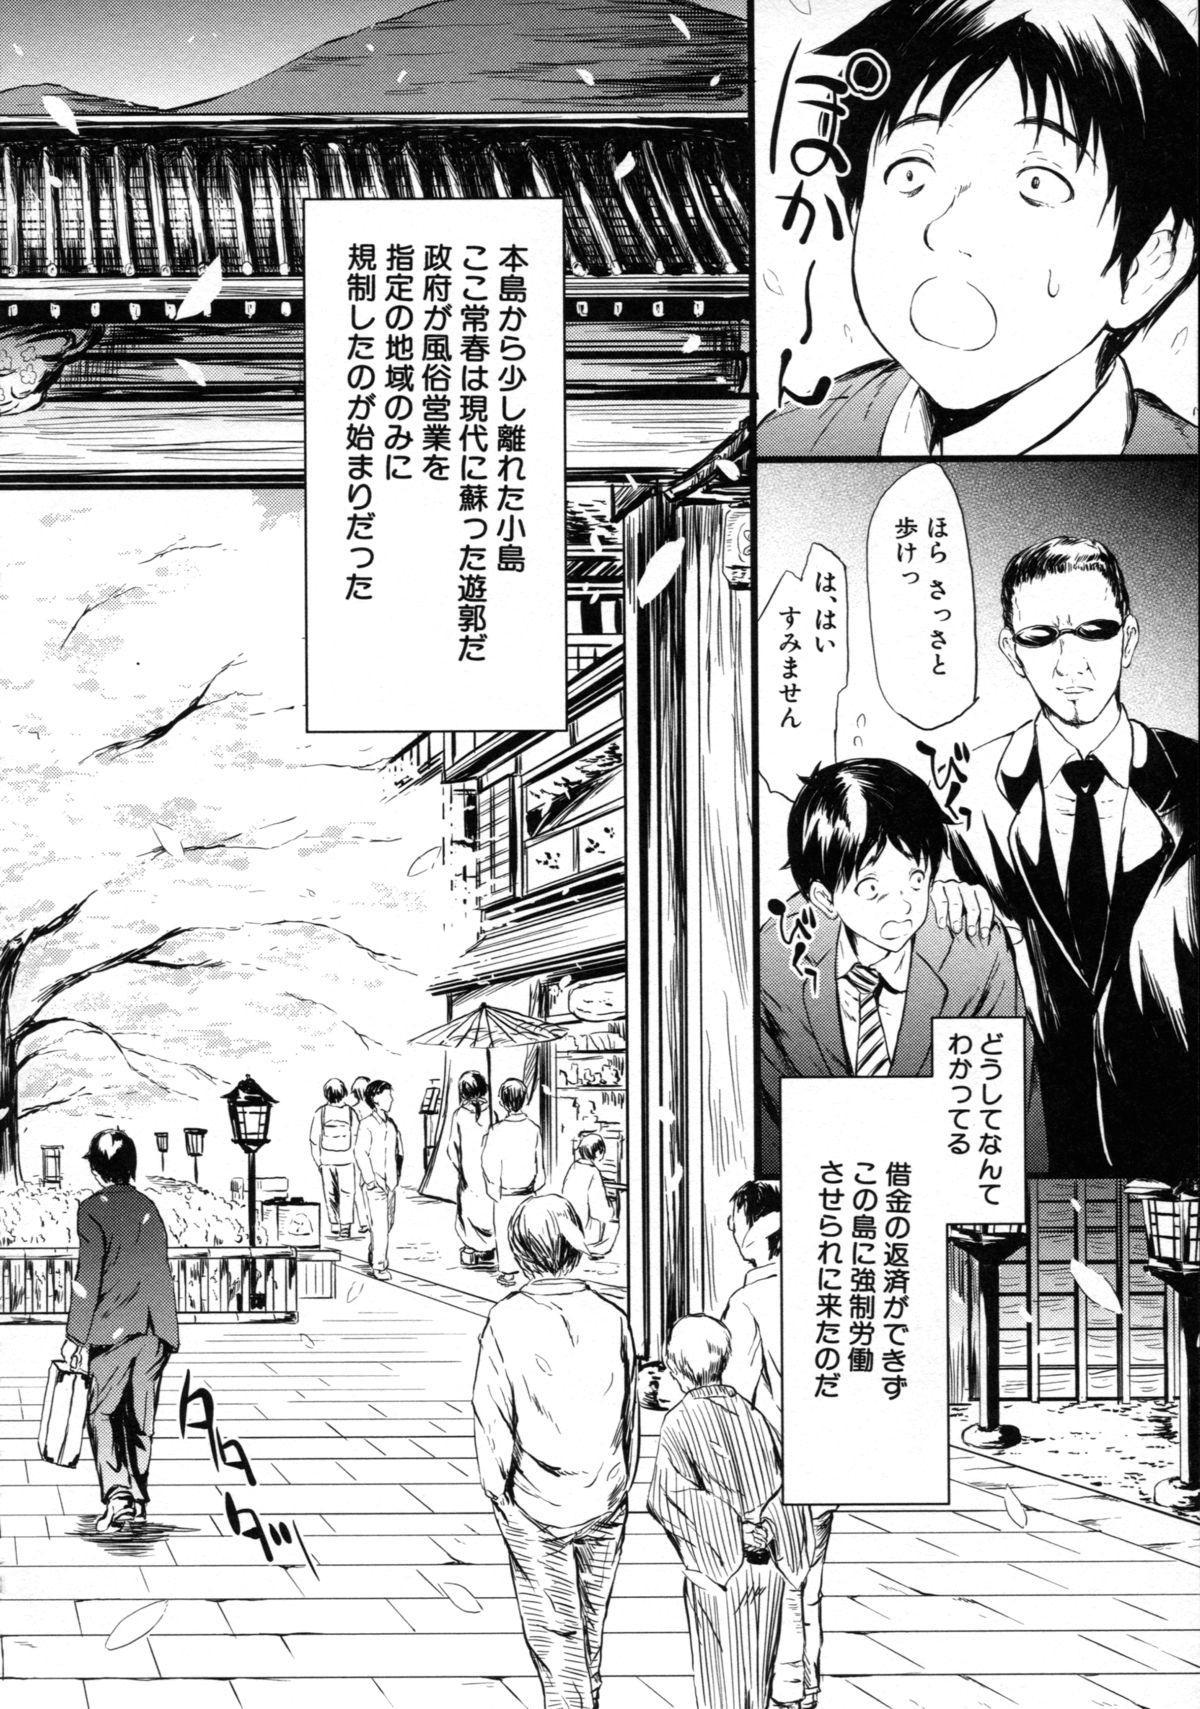 [Shiki Takuto] Tokoharu no Shoujo-tachi - The Girls in the Eternal Spring 9